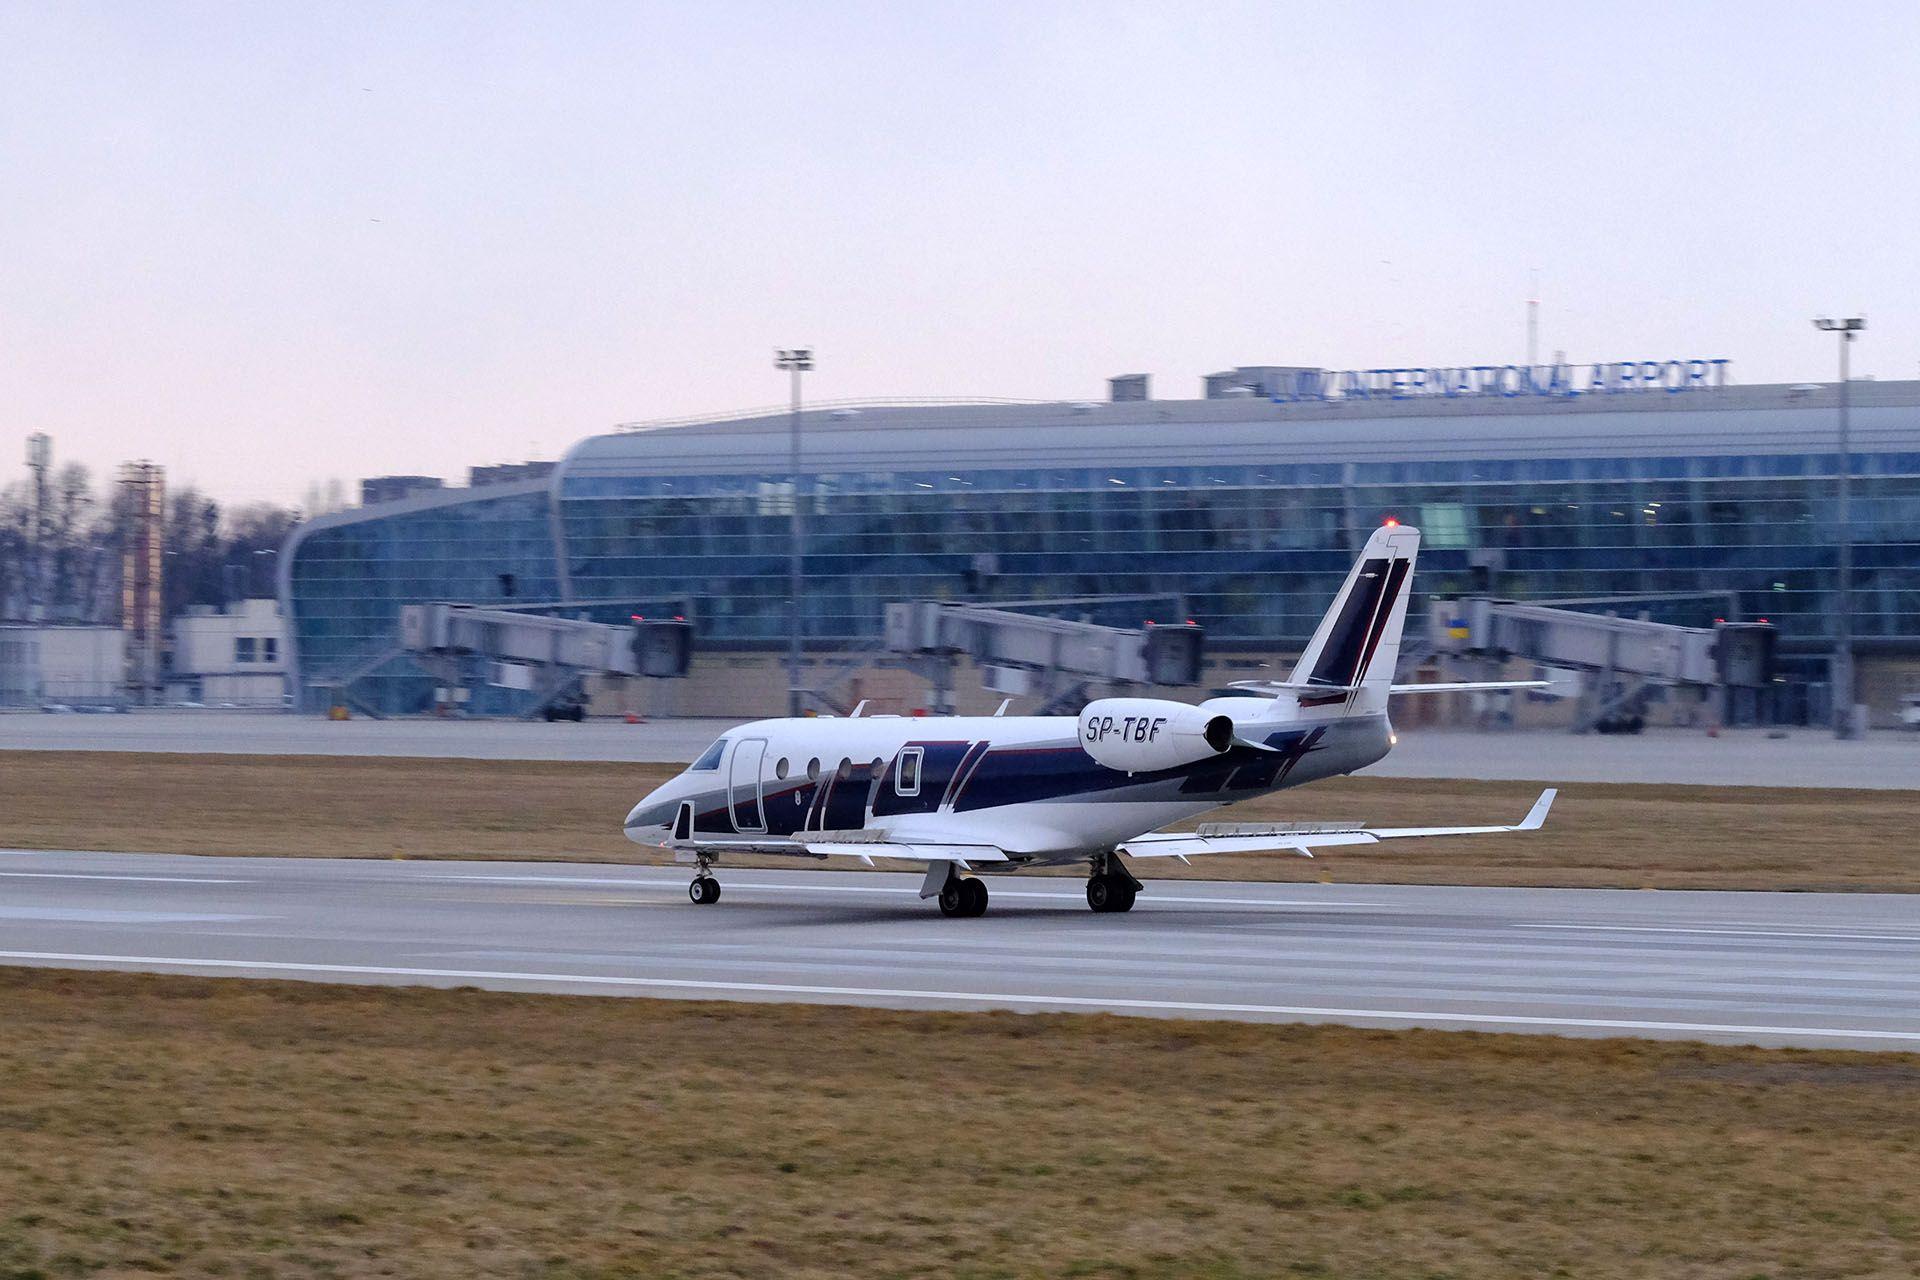 Великий повітряний літак на злітно-посадочної смуги в аеропорту